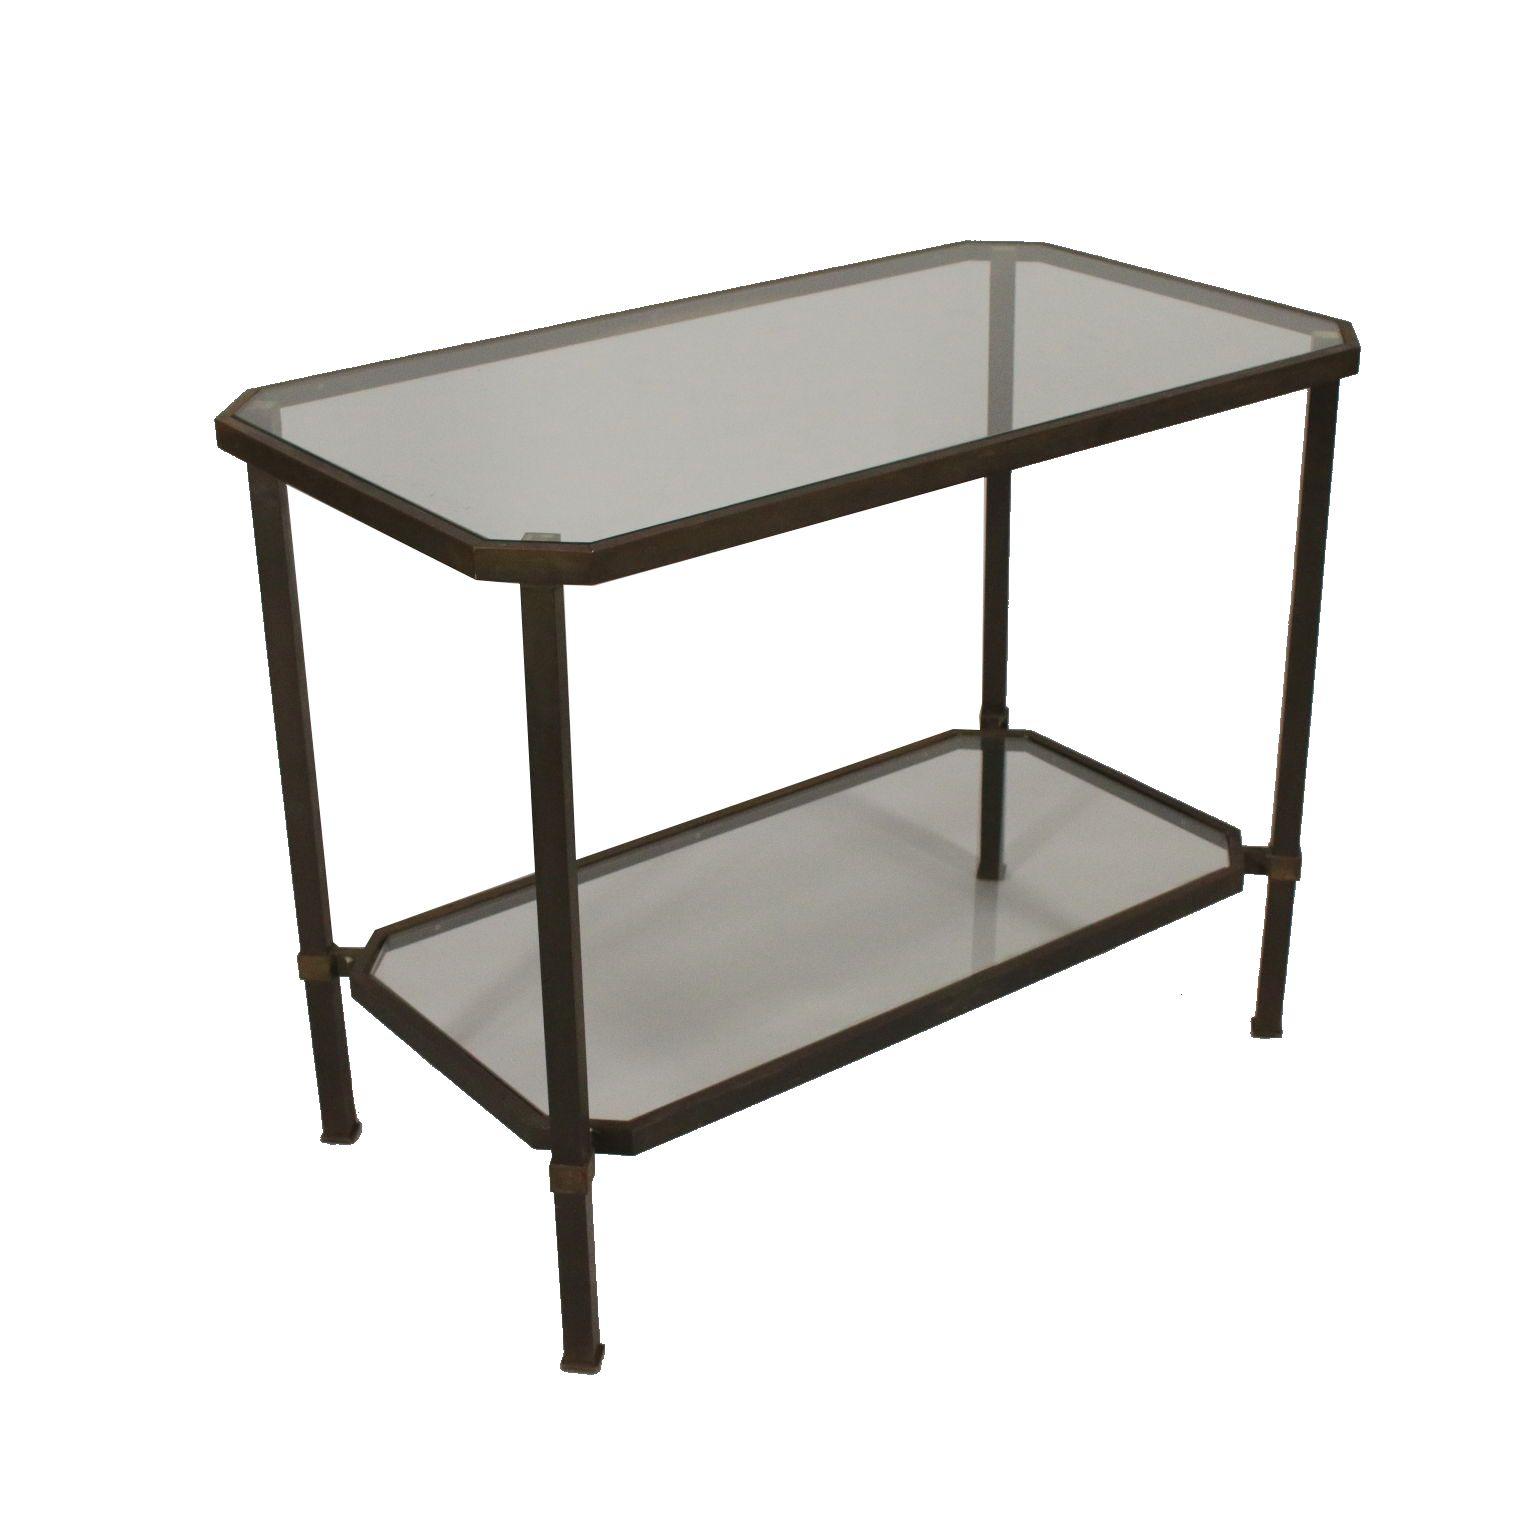 Petite Table Laiton Verre Vintage Italie Annees 60 Table Basse Table Basse En Laiton Table Basse Metal